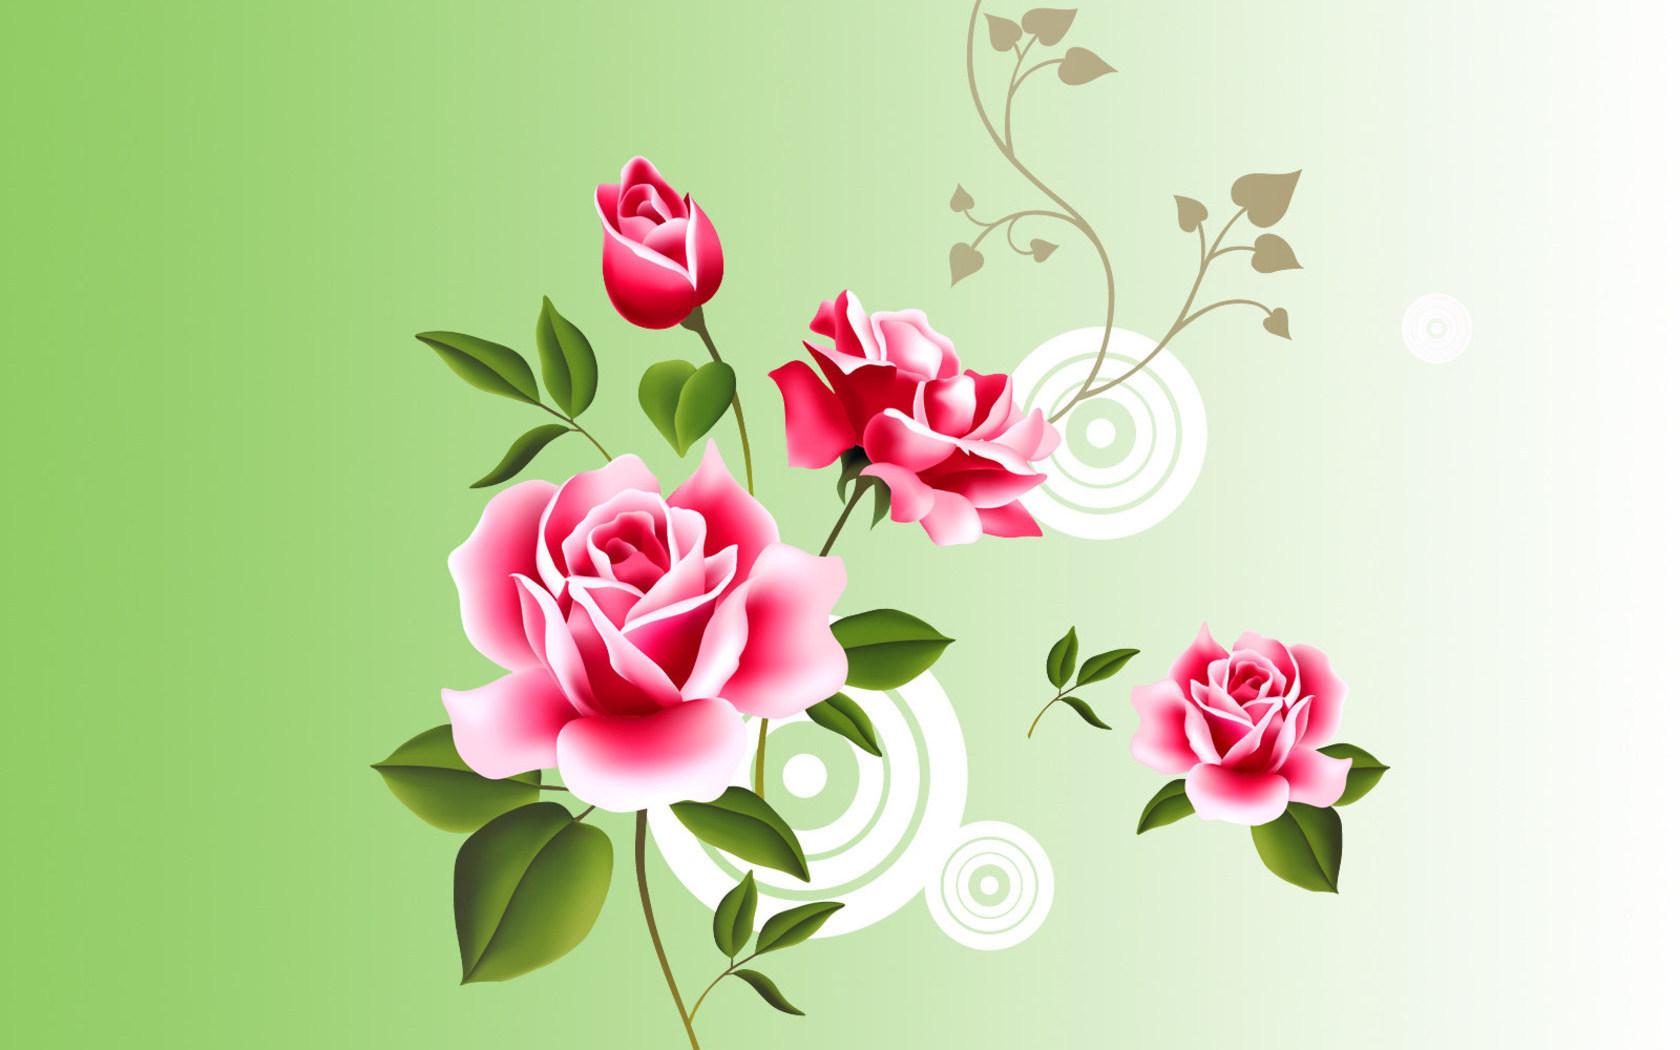 Нарисованные розы обои для рабочего стола